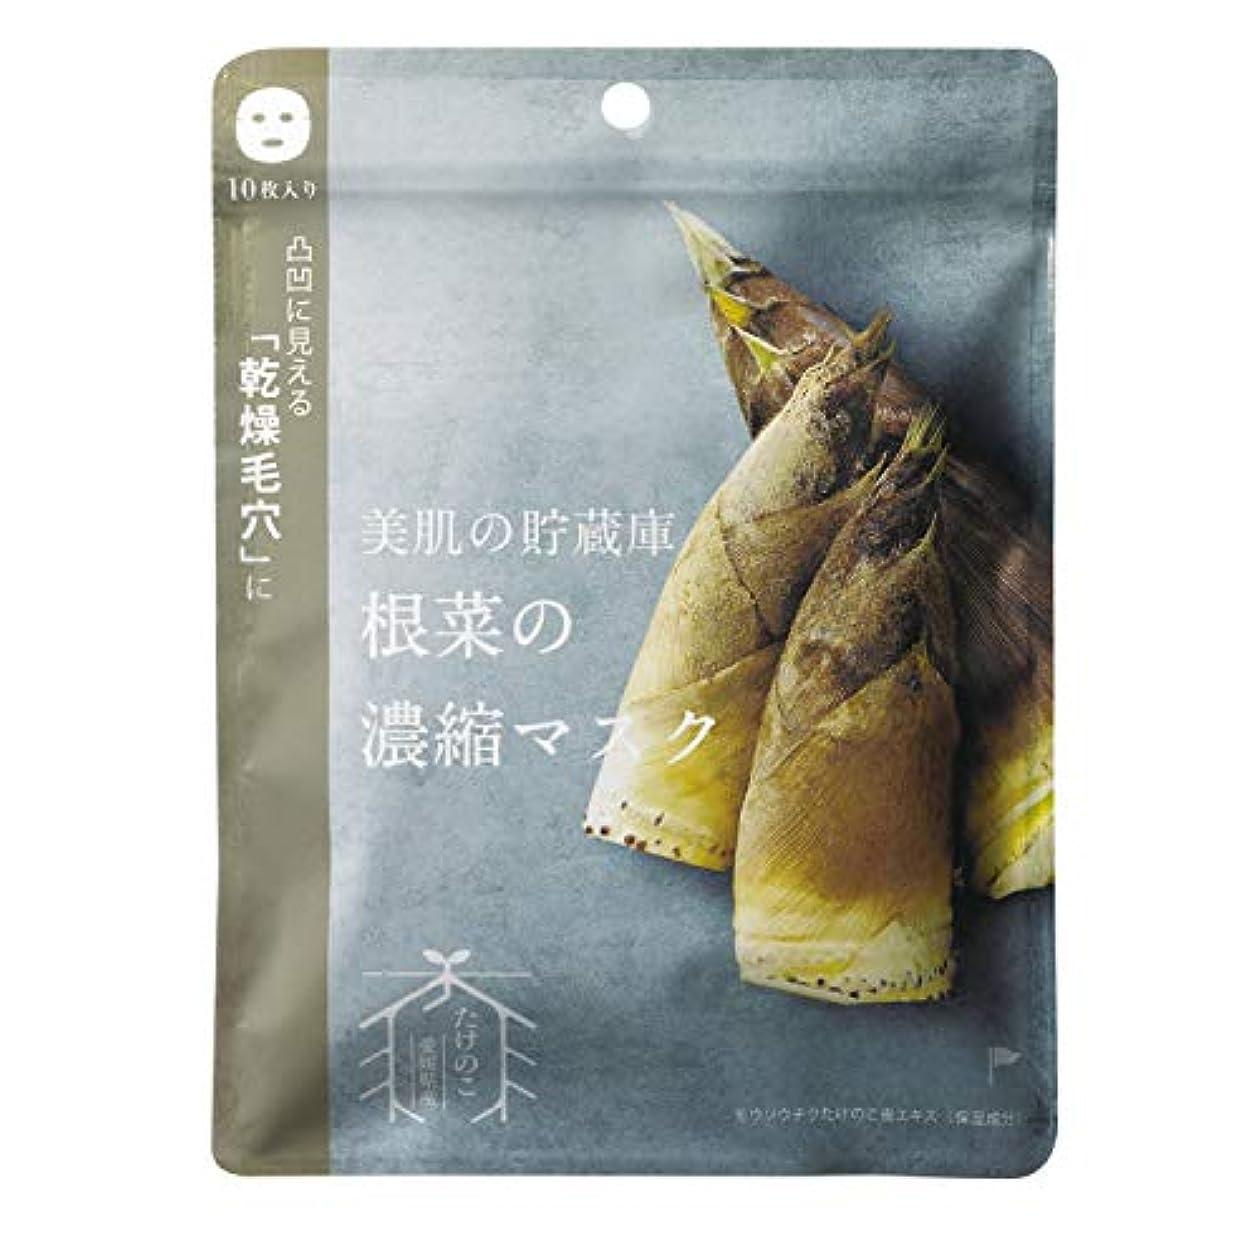 調子ハロウィン半導体@cosme nippon 美肌の貯蔵庫 根菜の濃縮マスク 孟宗竹たけのこ 10枚 160ml